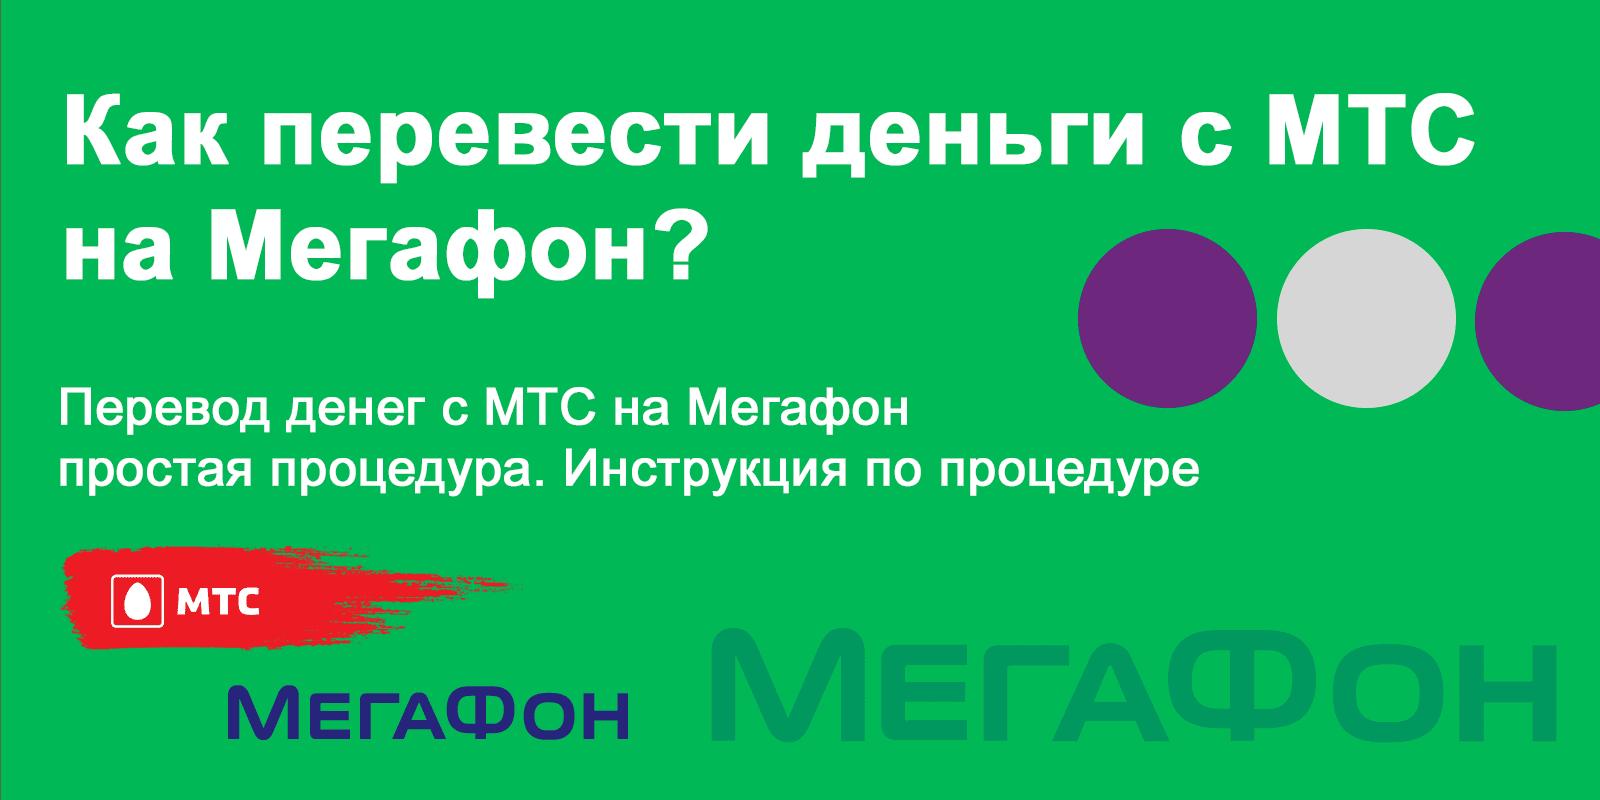 Перевести, отправить, перекинуть деньги с МТС на Мегафон: команды или смс (sms)